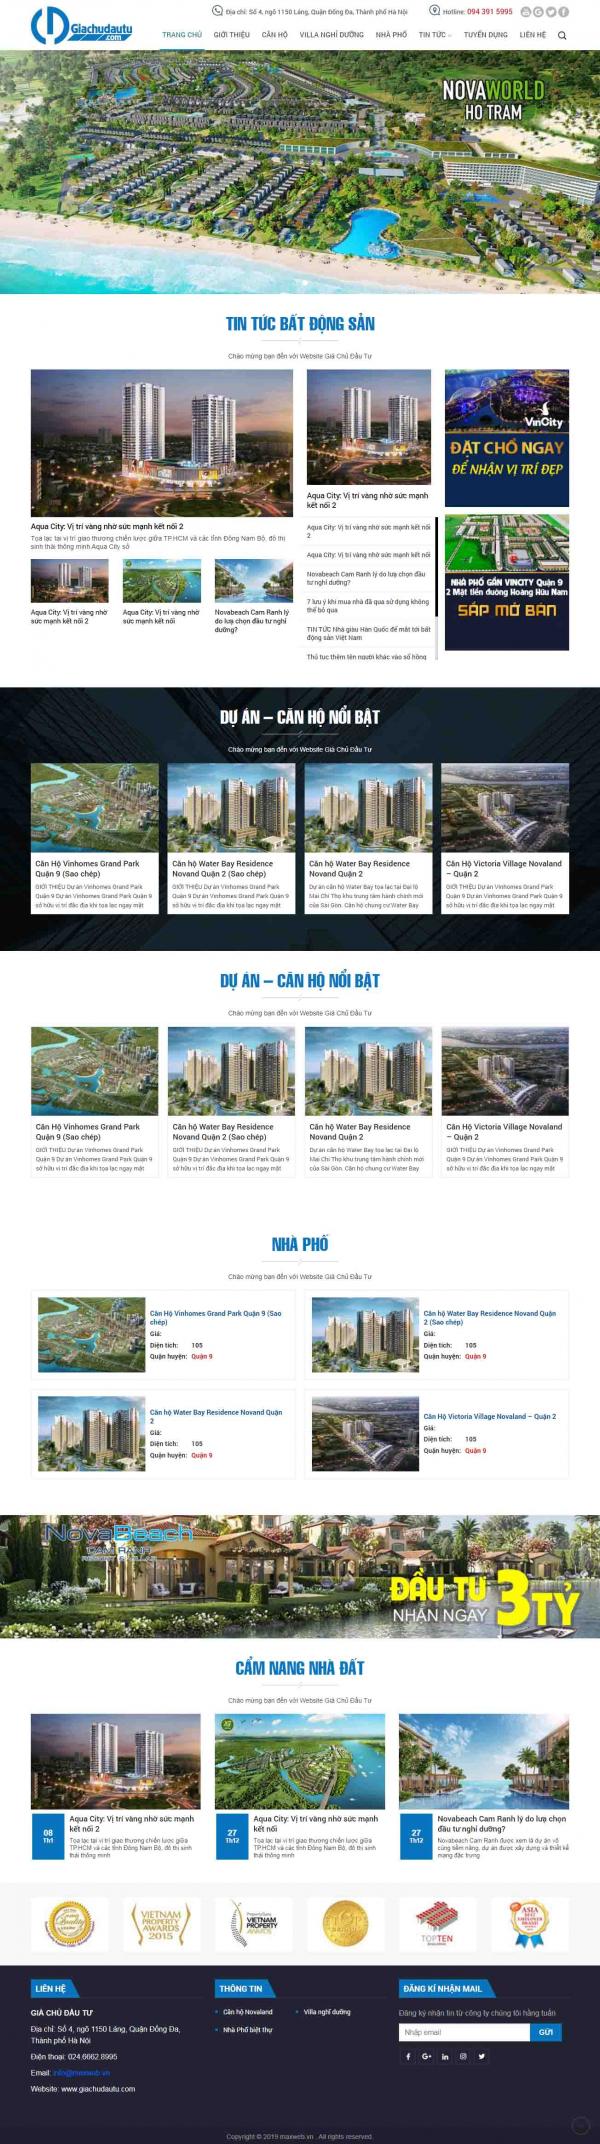 Mẫu giao diện thiết kế web bất động sản đẹp